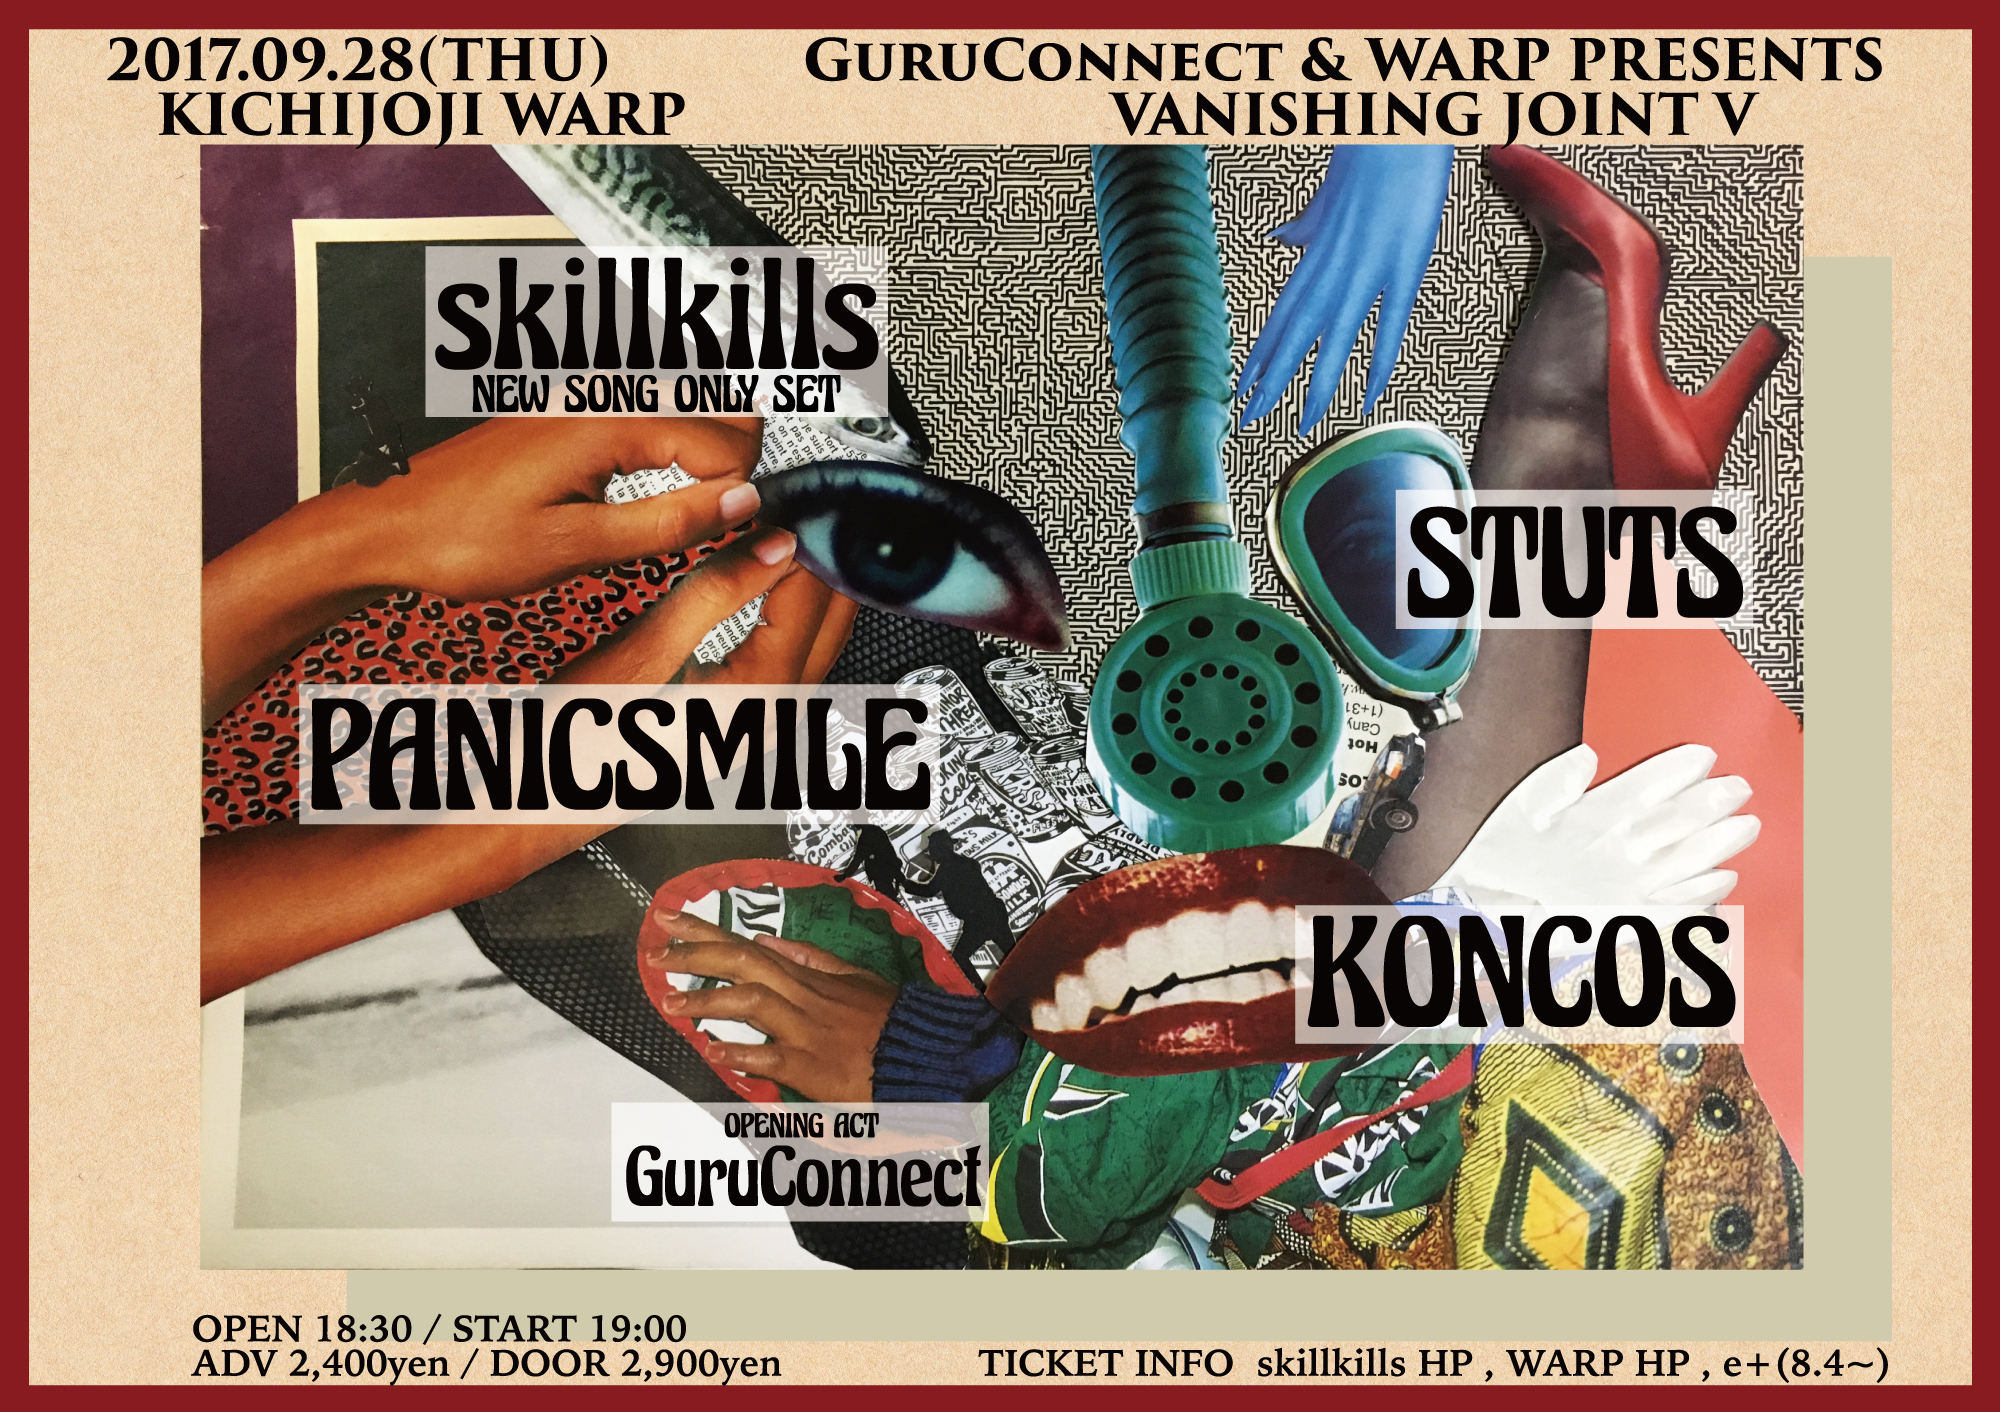 2017年9月28日 木曜日 Guruconnect Warp Presents Vanishing Joint V